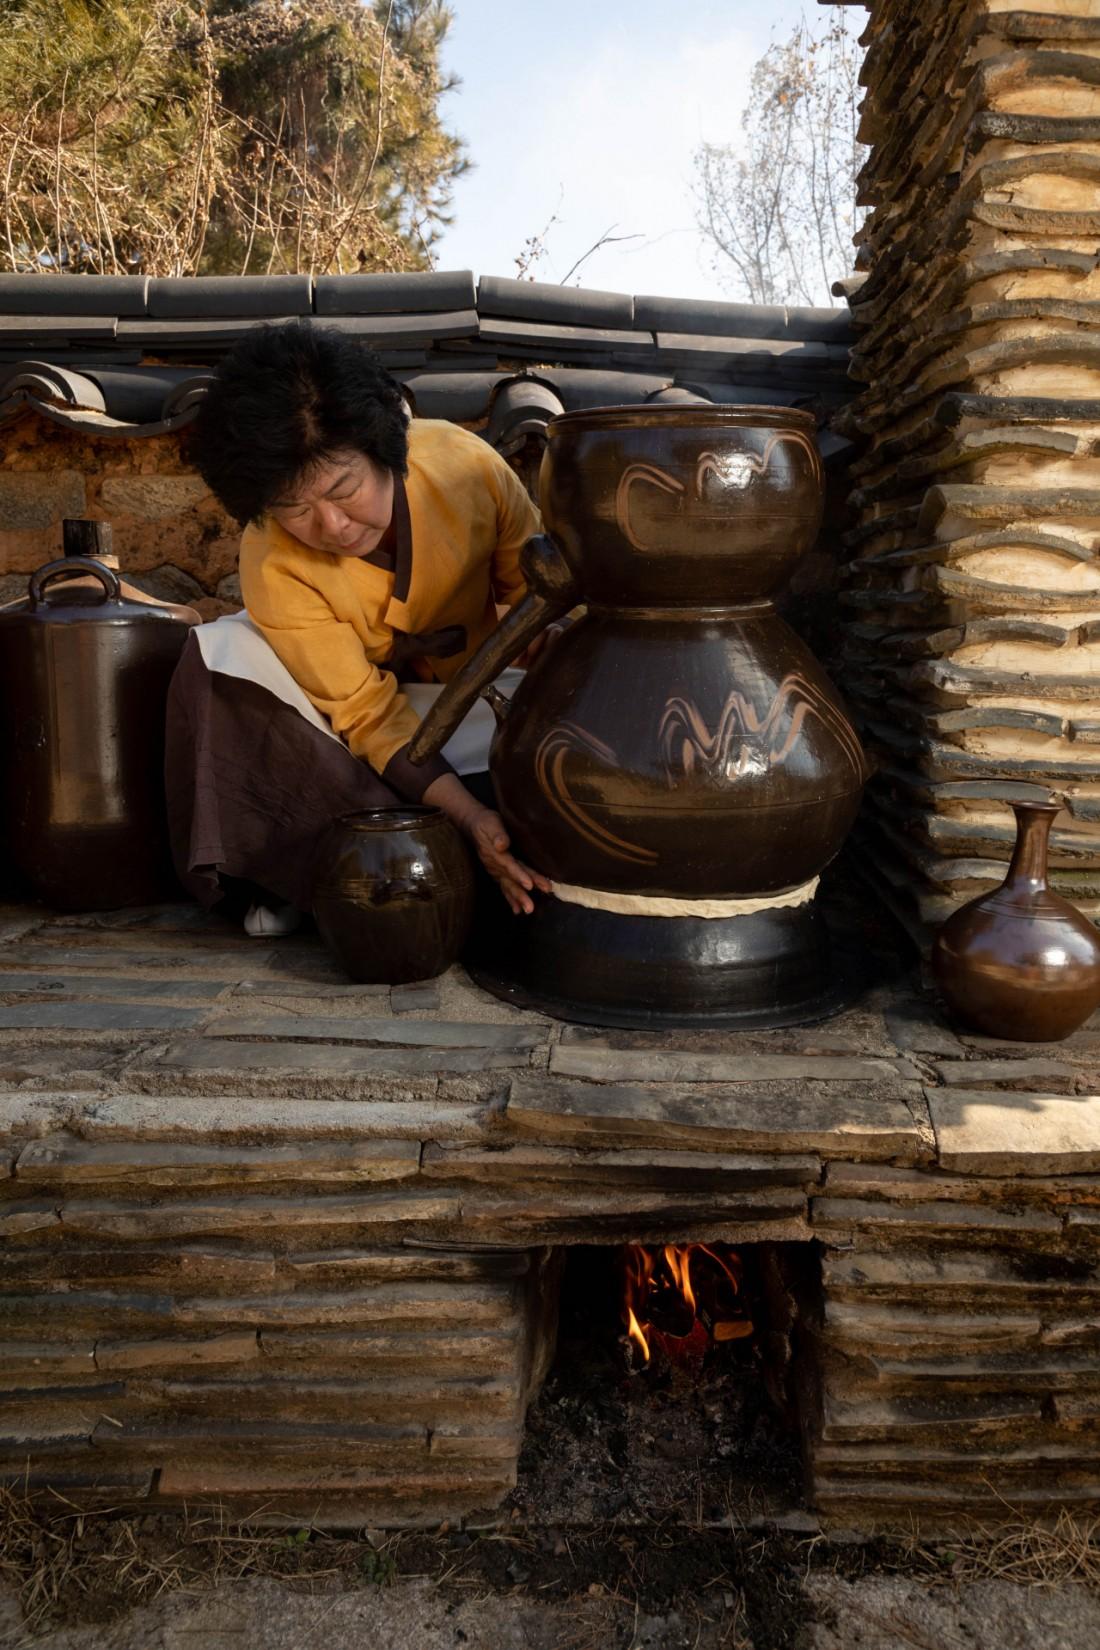 박 명인이 솔송주를 가열해 증류주인 담솔을 내리면서 증기가 새어나가지 않도록 밀가루 반죽으로 소줏고리의 이음매를 막고있다.  우철훈 선임기자 photowoo@kyunghyang.com